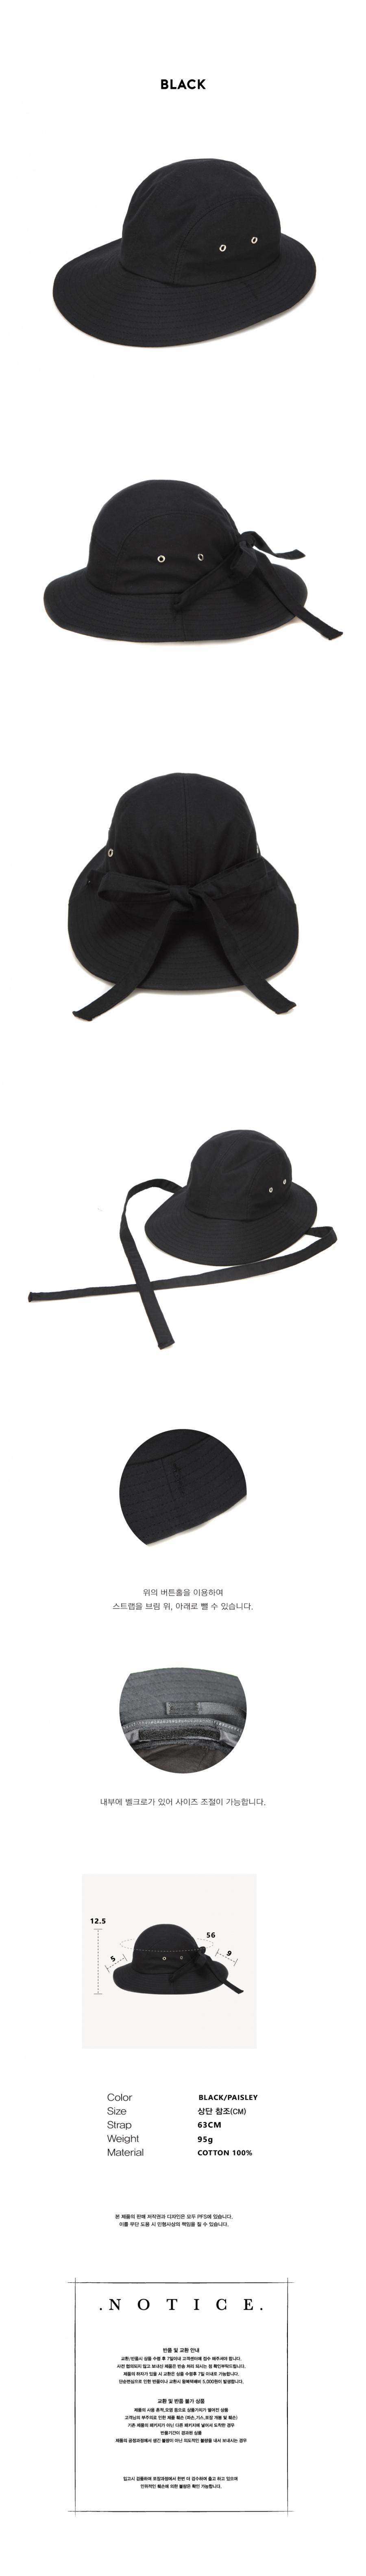 플레이페넥(PFS) PFS BUCKET HAT - BLACK